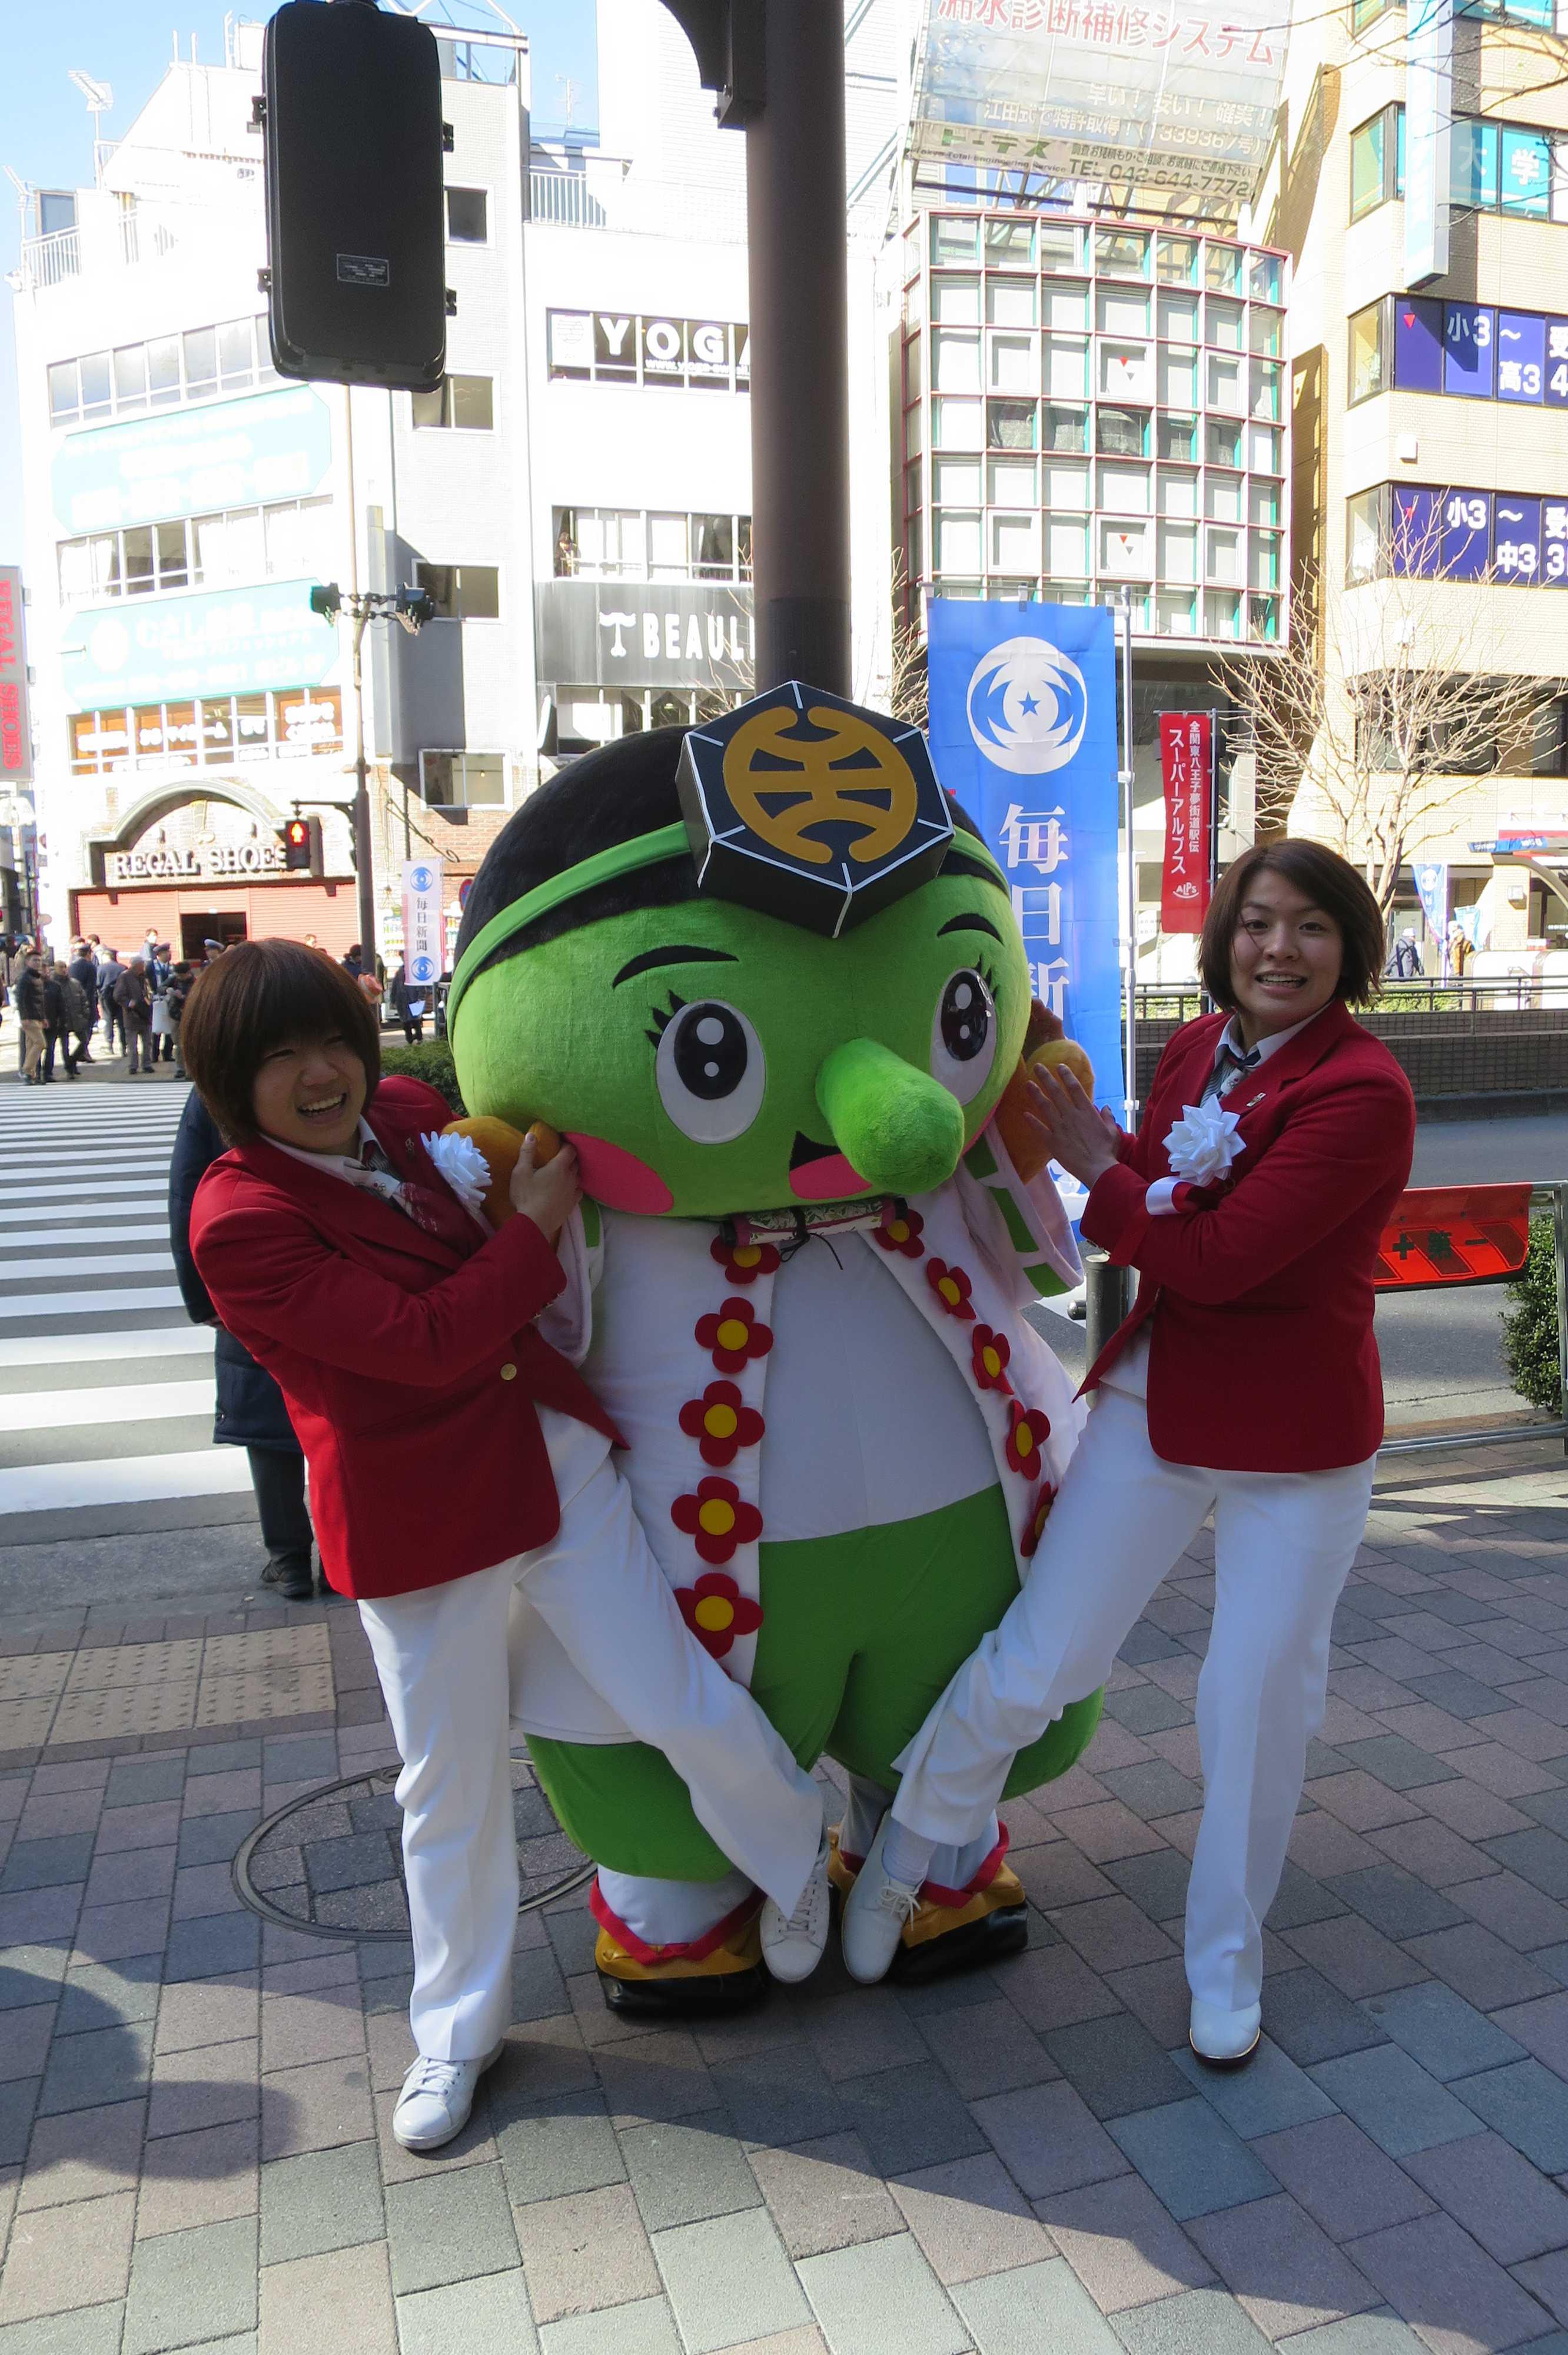 八王子のゆるきゃら「みどリ~」に柔道の技をかける中村美里選手と田代未来選手